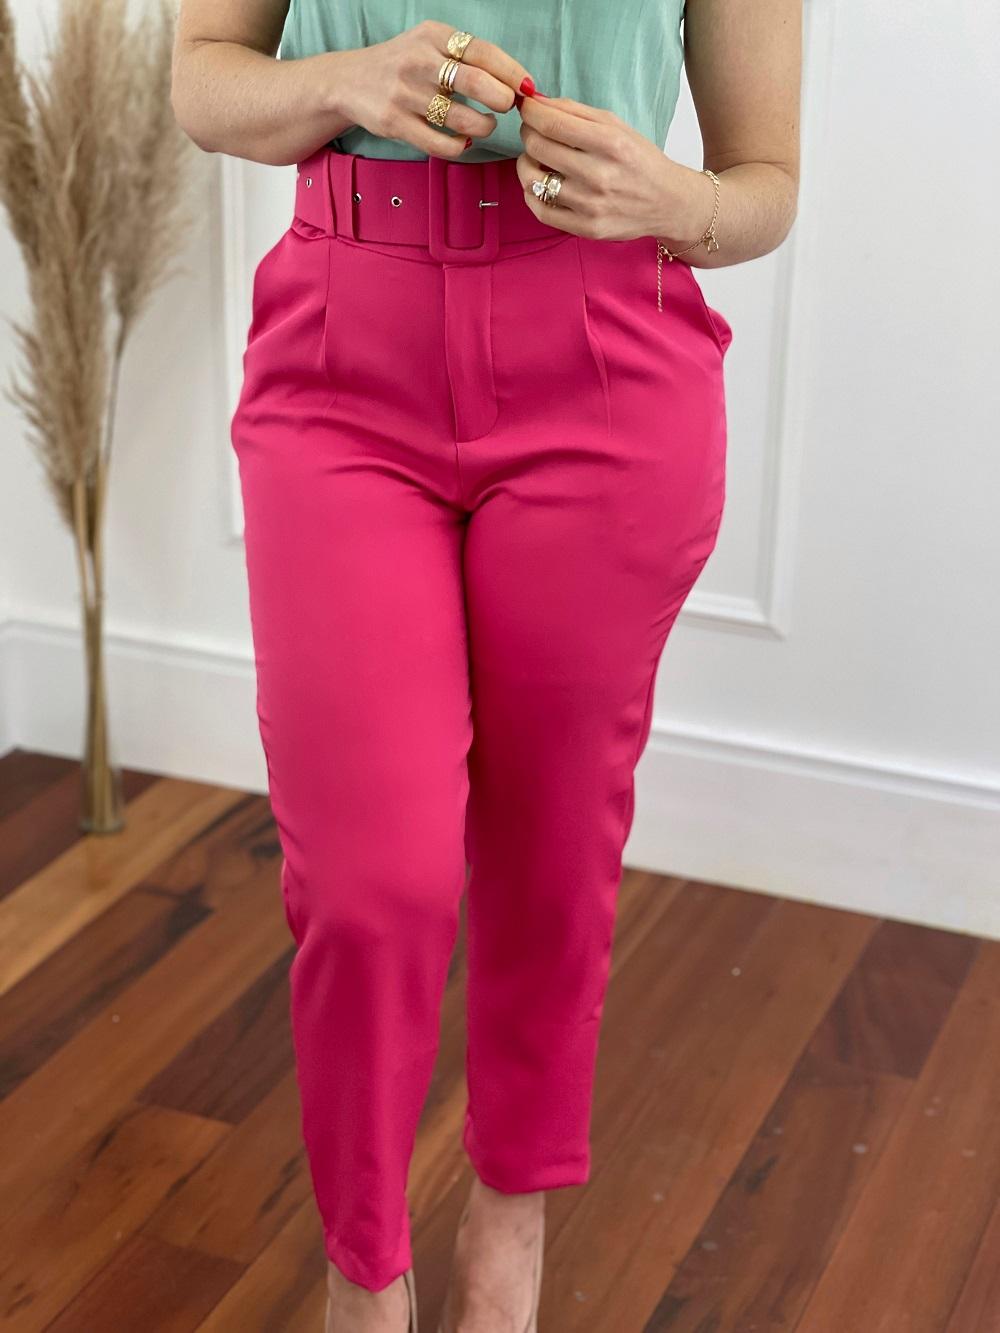 Calça Cenoura Cinto Encapado Pink